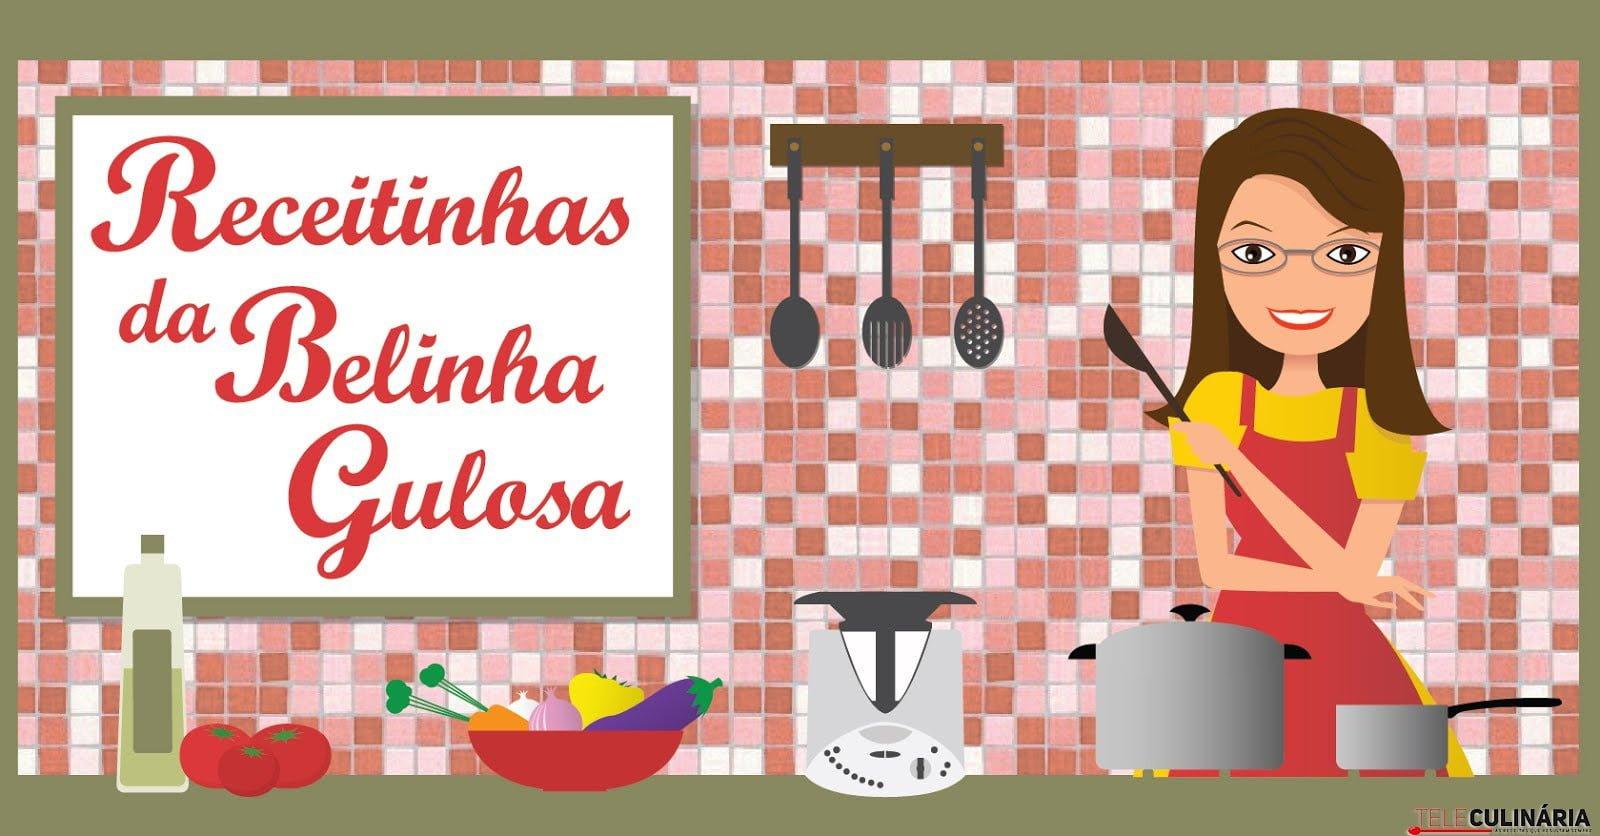 receitas_da_belinha gulosa